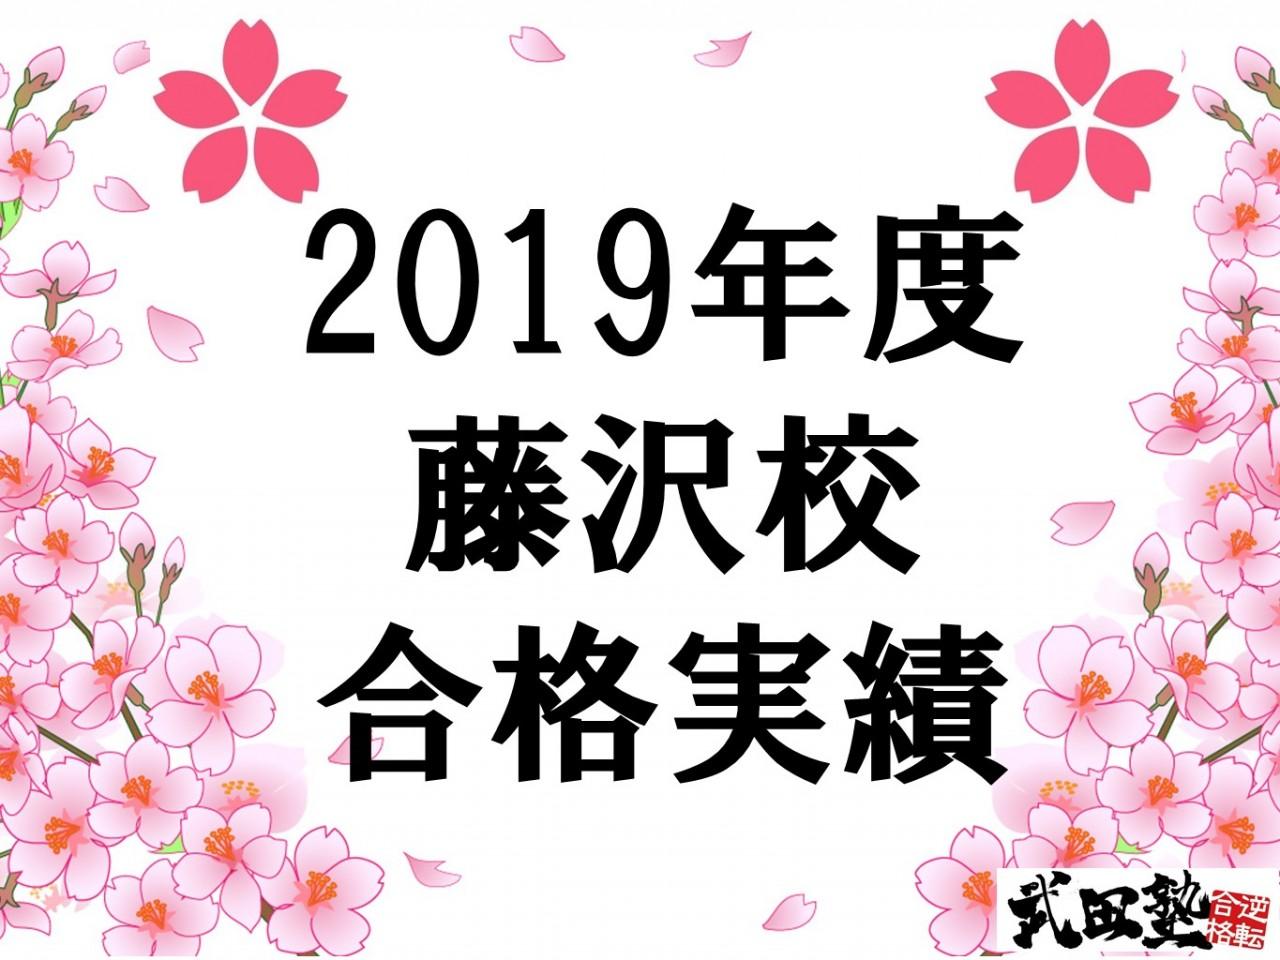 2019-祝合格シート-藤沢校 JPEG